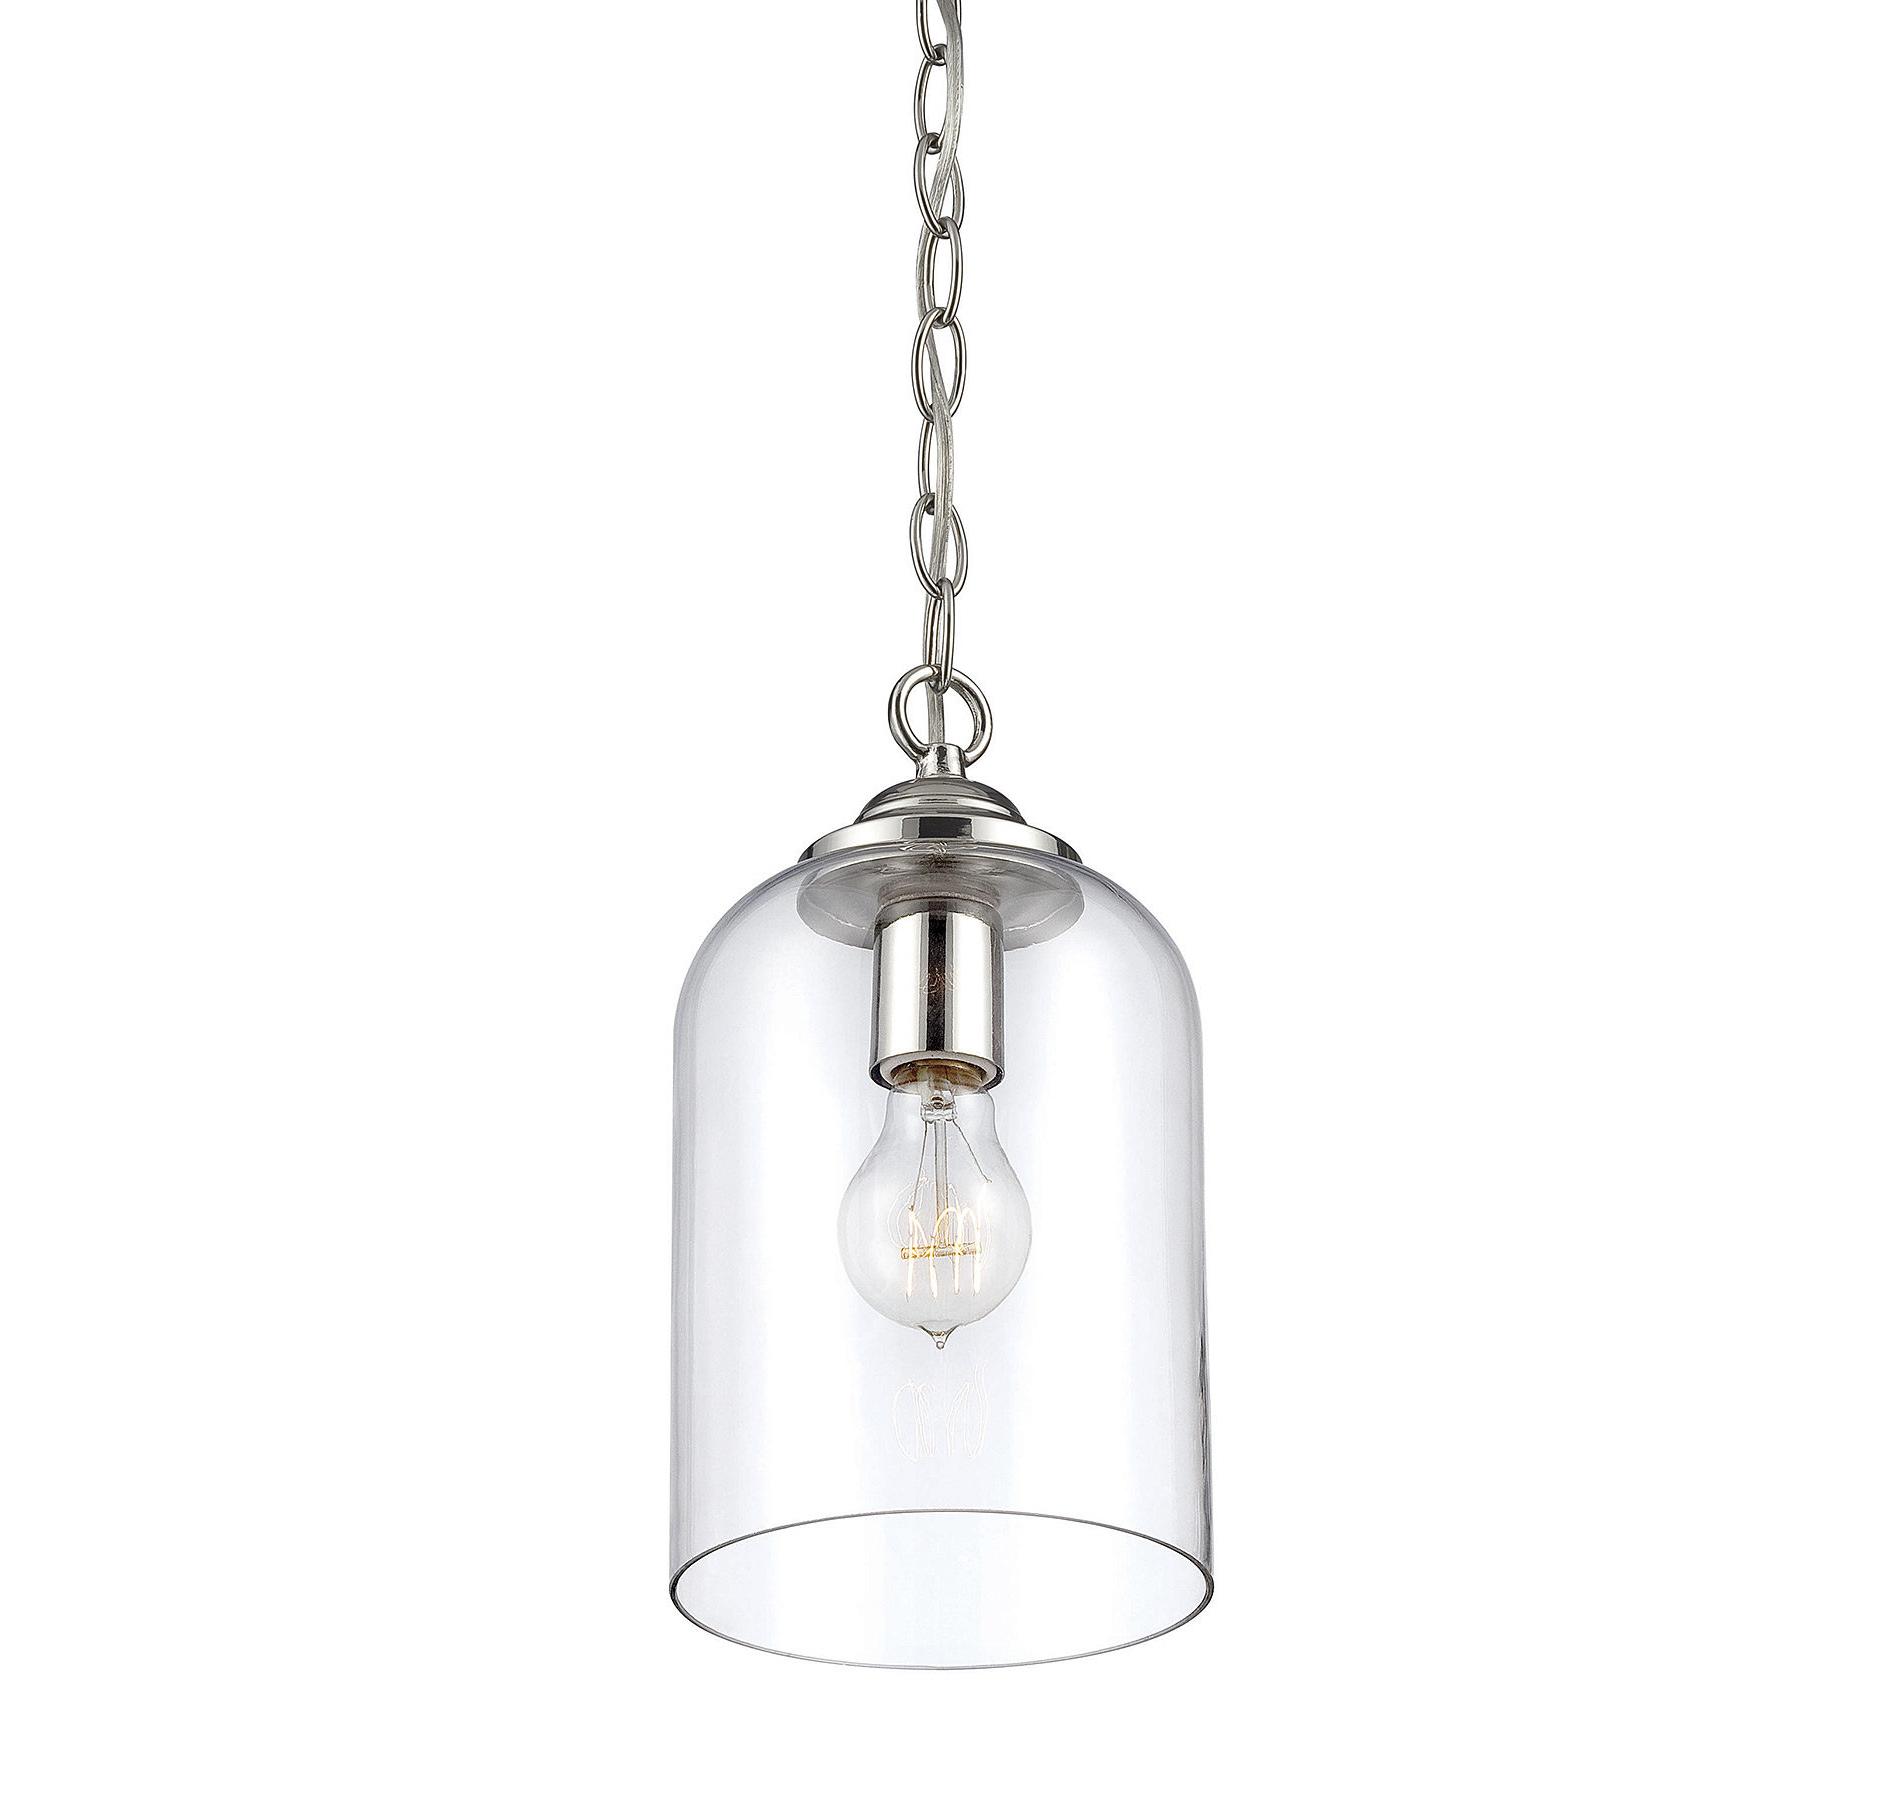 Famous Silber 1 Light Single Bell Pendant Intended For Roslindale 1 Light Single Bell Pendants (View 10 of 25)